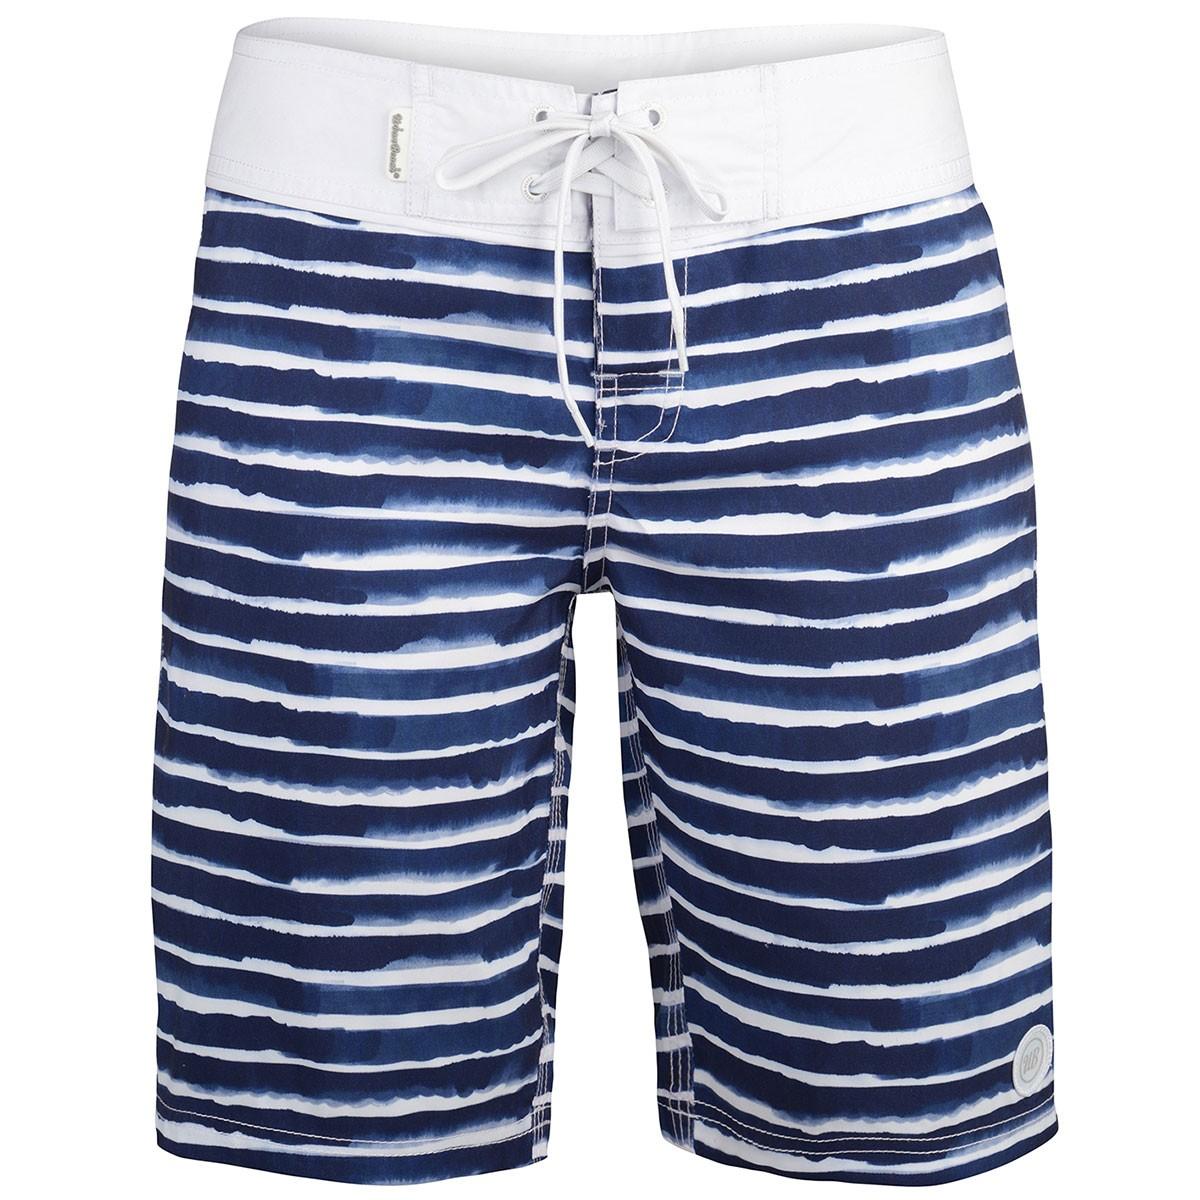 Womens Kapalua Board Shorts - Navy - Boardshorts - Clothing - Womens 2100a2e520